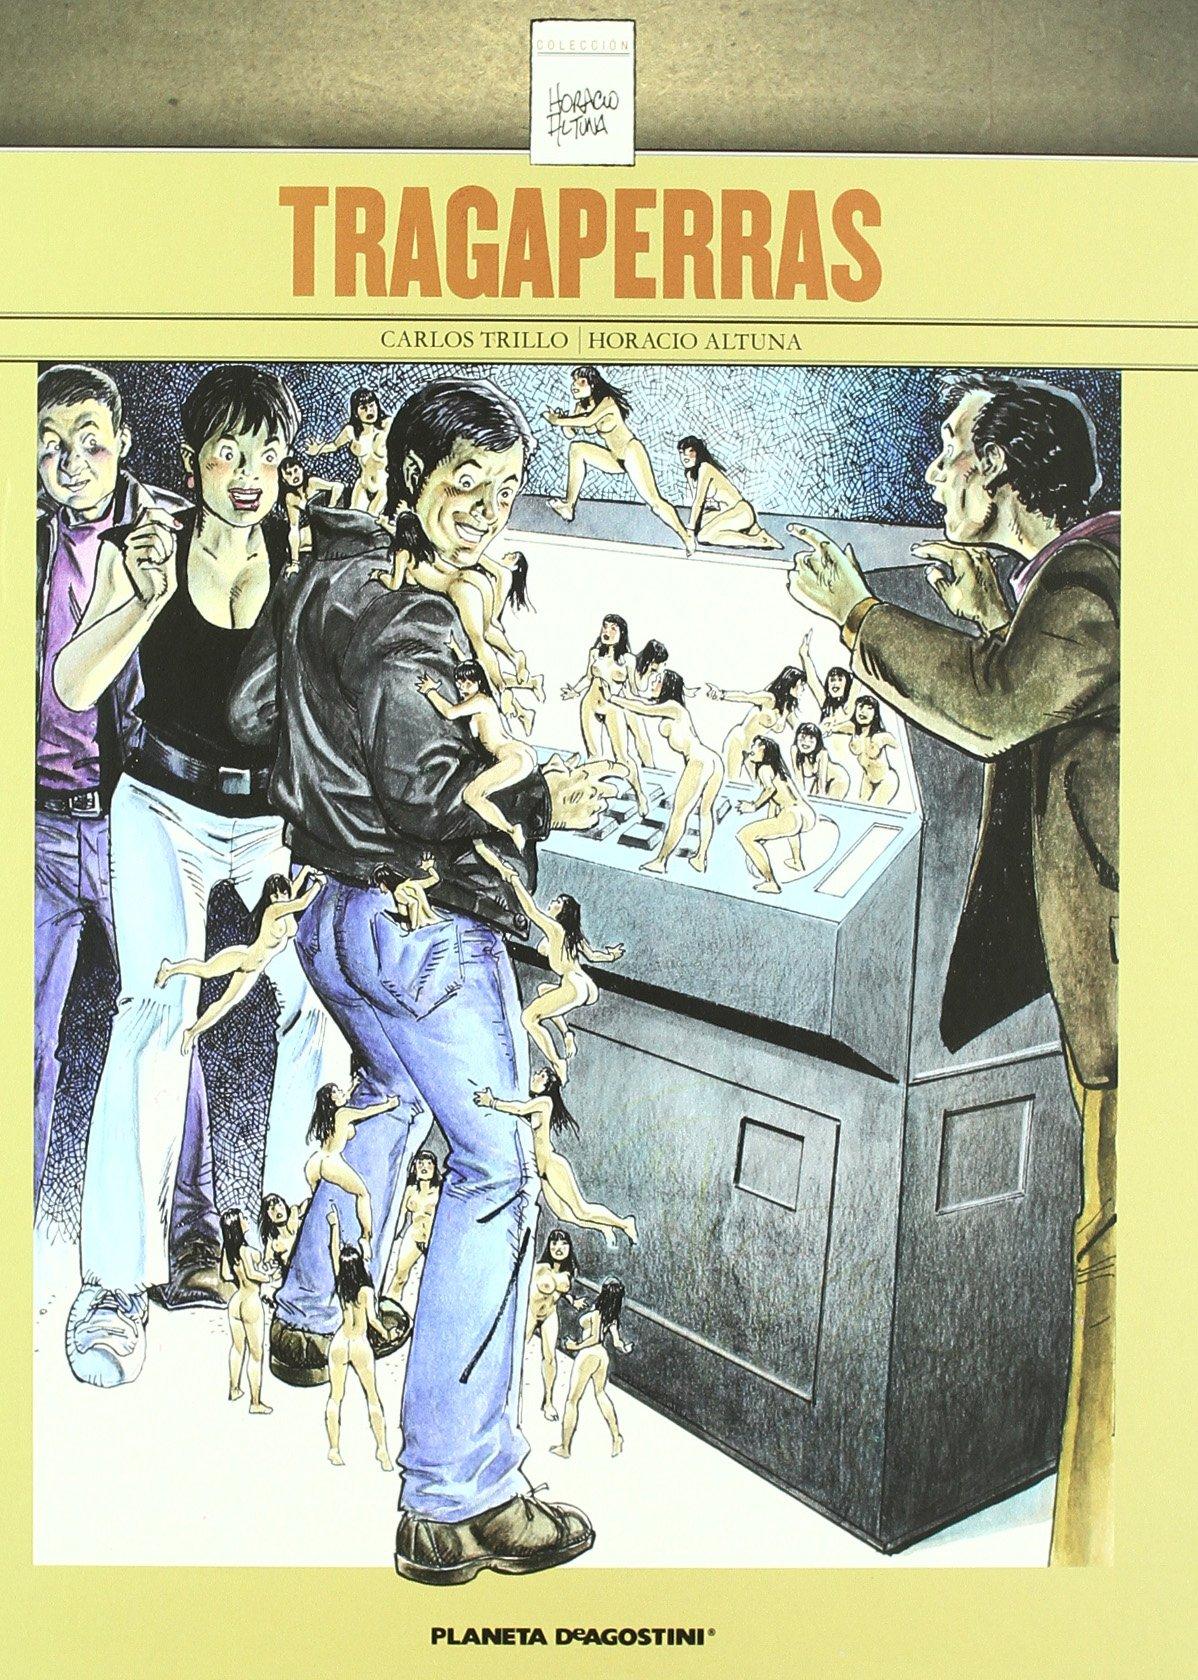 Tragaperras (Cómics Españoles): Amazon.es: Trillo, Carlos, Altuna, Horacio: Libros